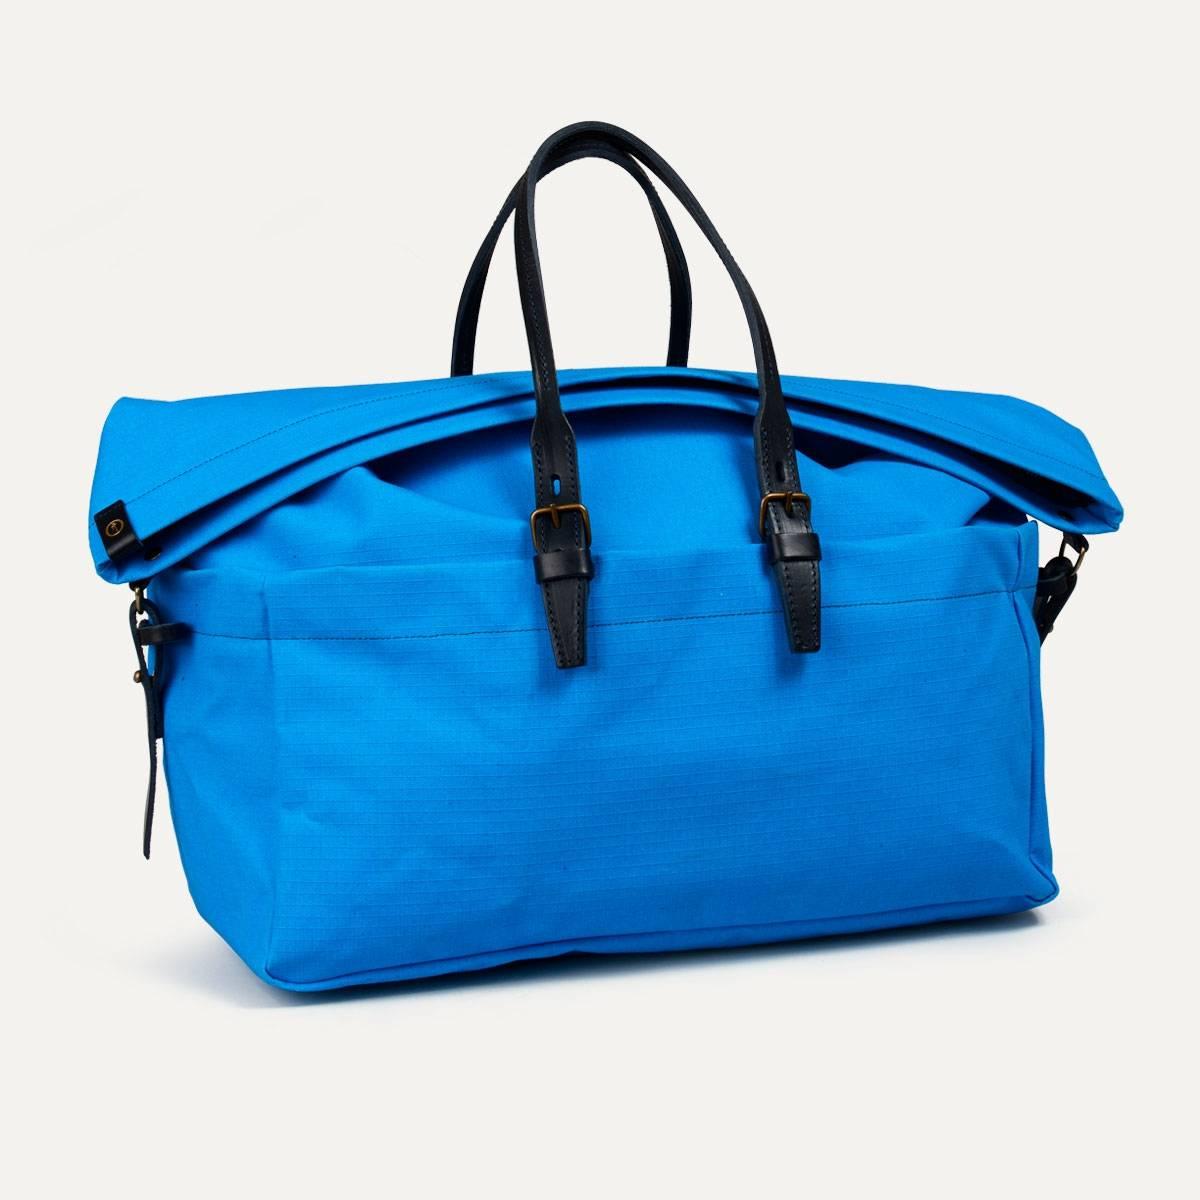 sac de voyage toile cuir homme made in france bleu. Black Bedroom Furniture Sets. Home Design Ideas